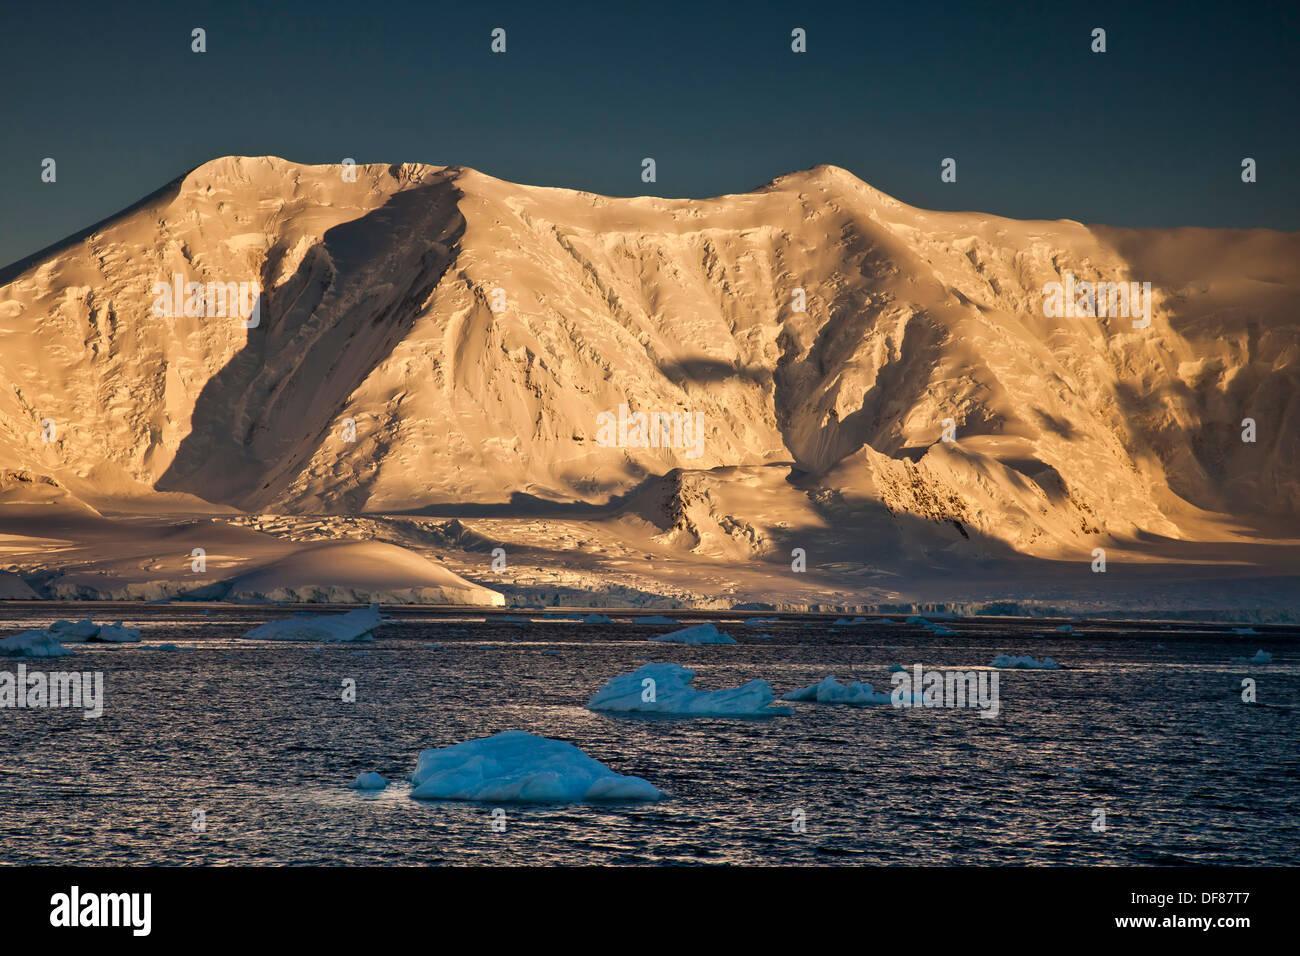 Mt Francais, 2825 mètres, plus haut sommet de l'Île Anvers, au coucher du soleil, le détroit de Gerlache, péninsule antarctique. Photo Stock